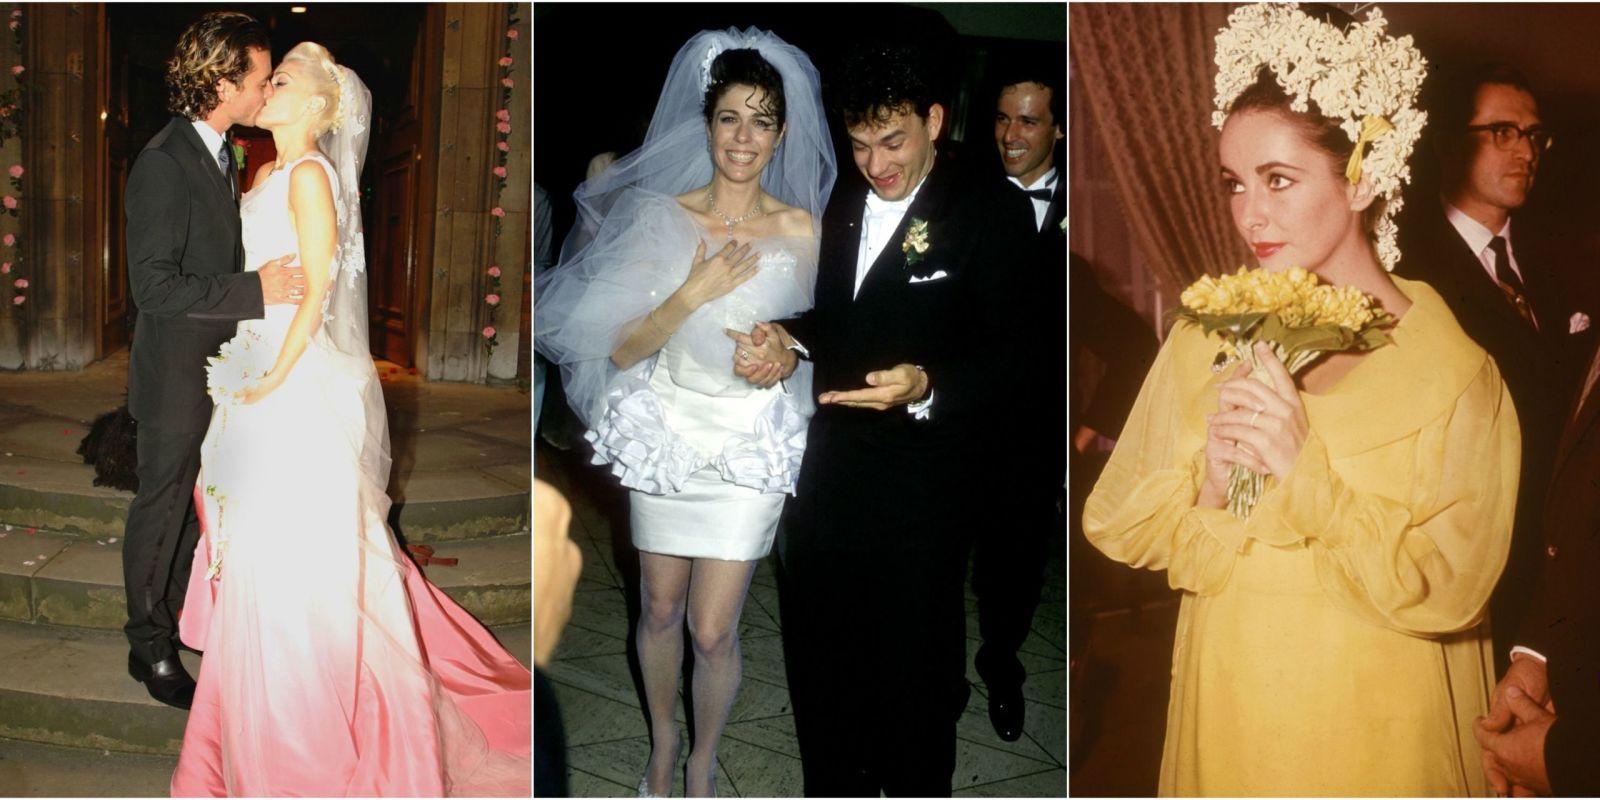 The 16 Most Unique Wedding Dresses Ever Famous Wedding Dresses Worst Wedding Dress Wedding Dresses Unique [ 800 x 1600 Pixel ]